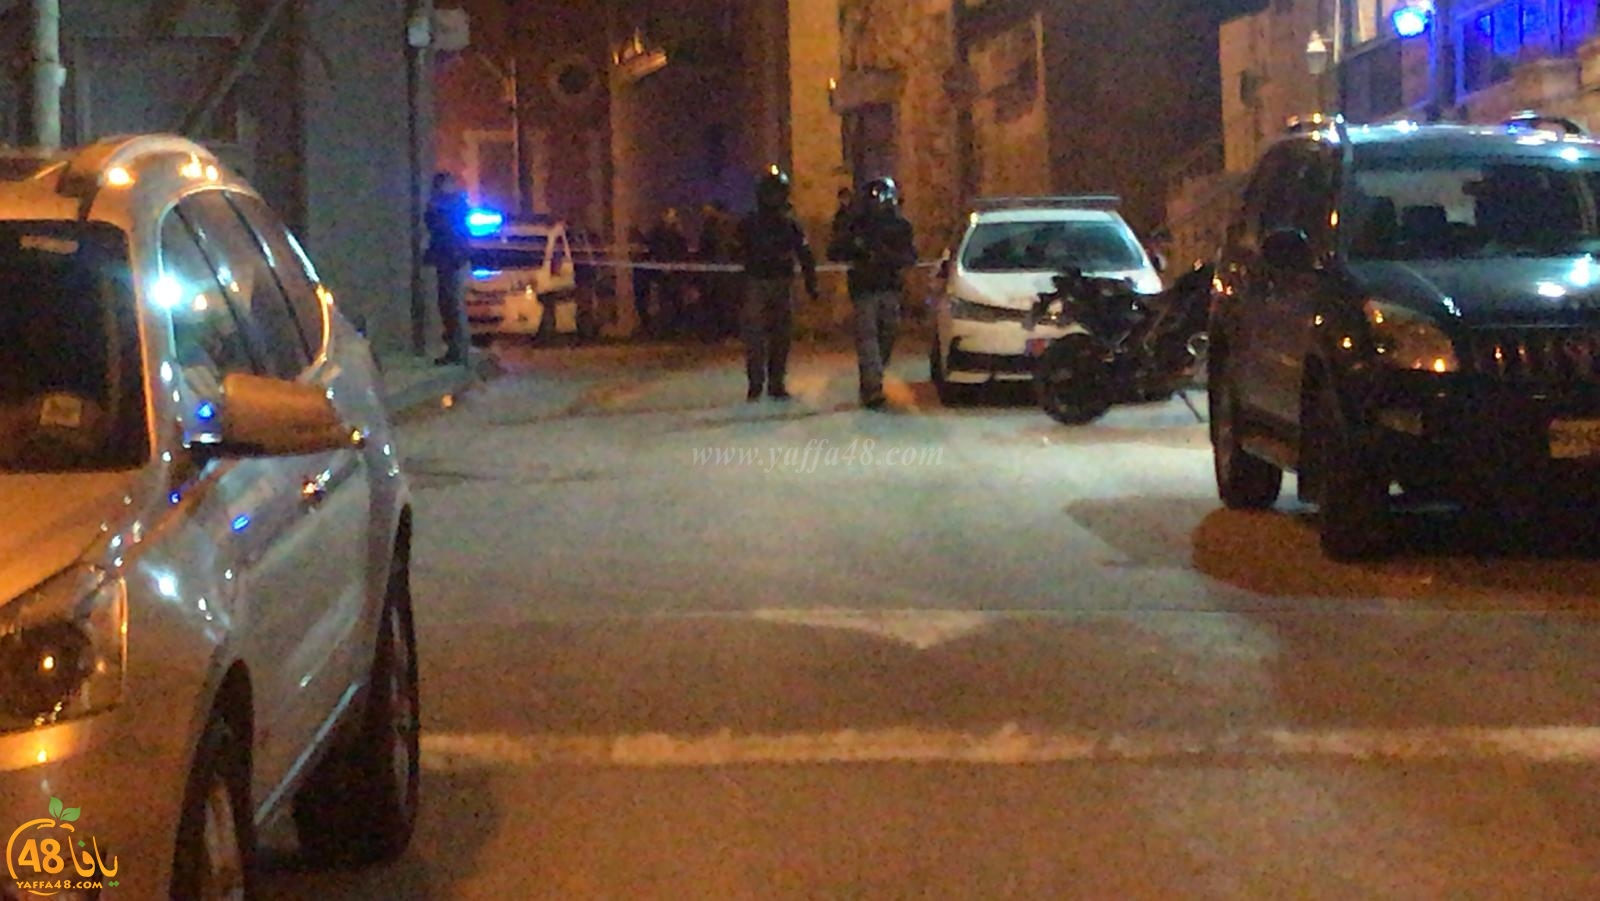 فيديو: اصابة فتى اثر تعرضه للطعن بآلة حادة خلال شجار بيافا